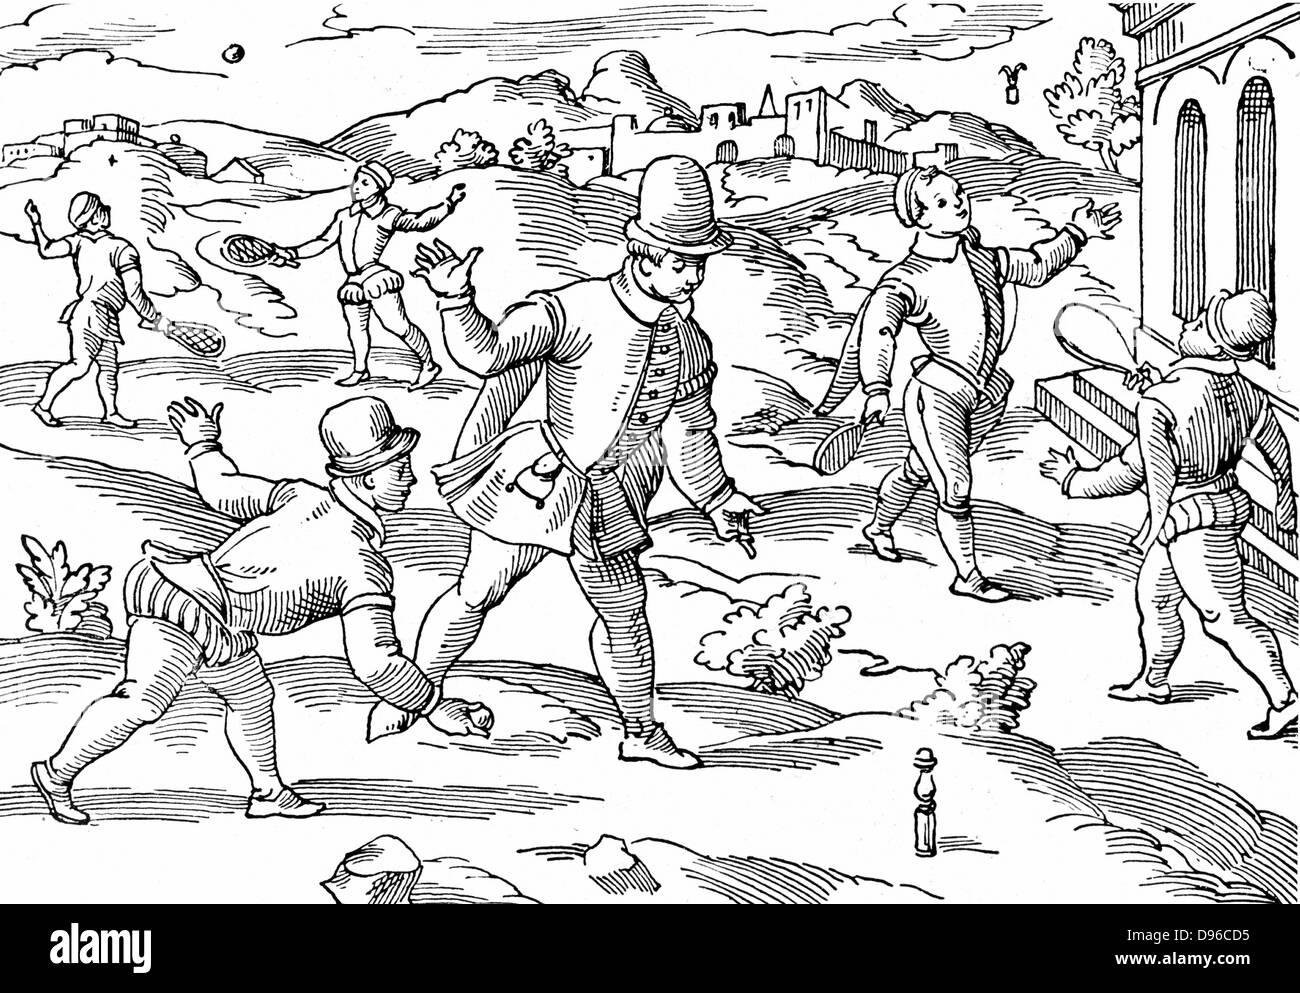 Kinderspiele im 16. Jahrhundert: im Vordergrund spielen die jungen eine Form von Kegeln, auf richtige Federball, Stockbild